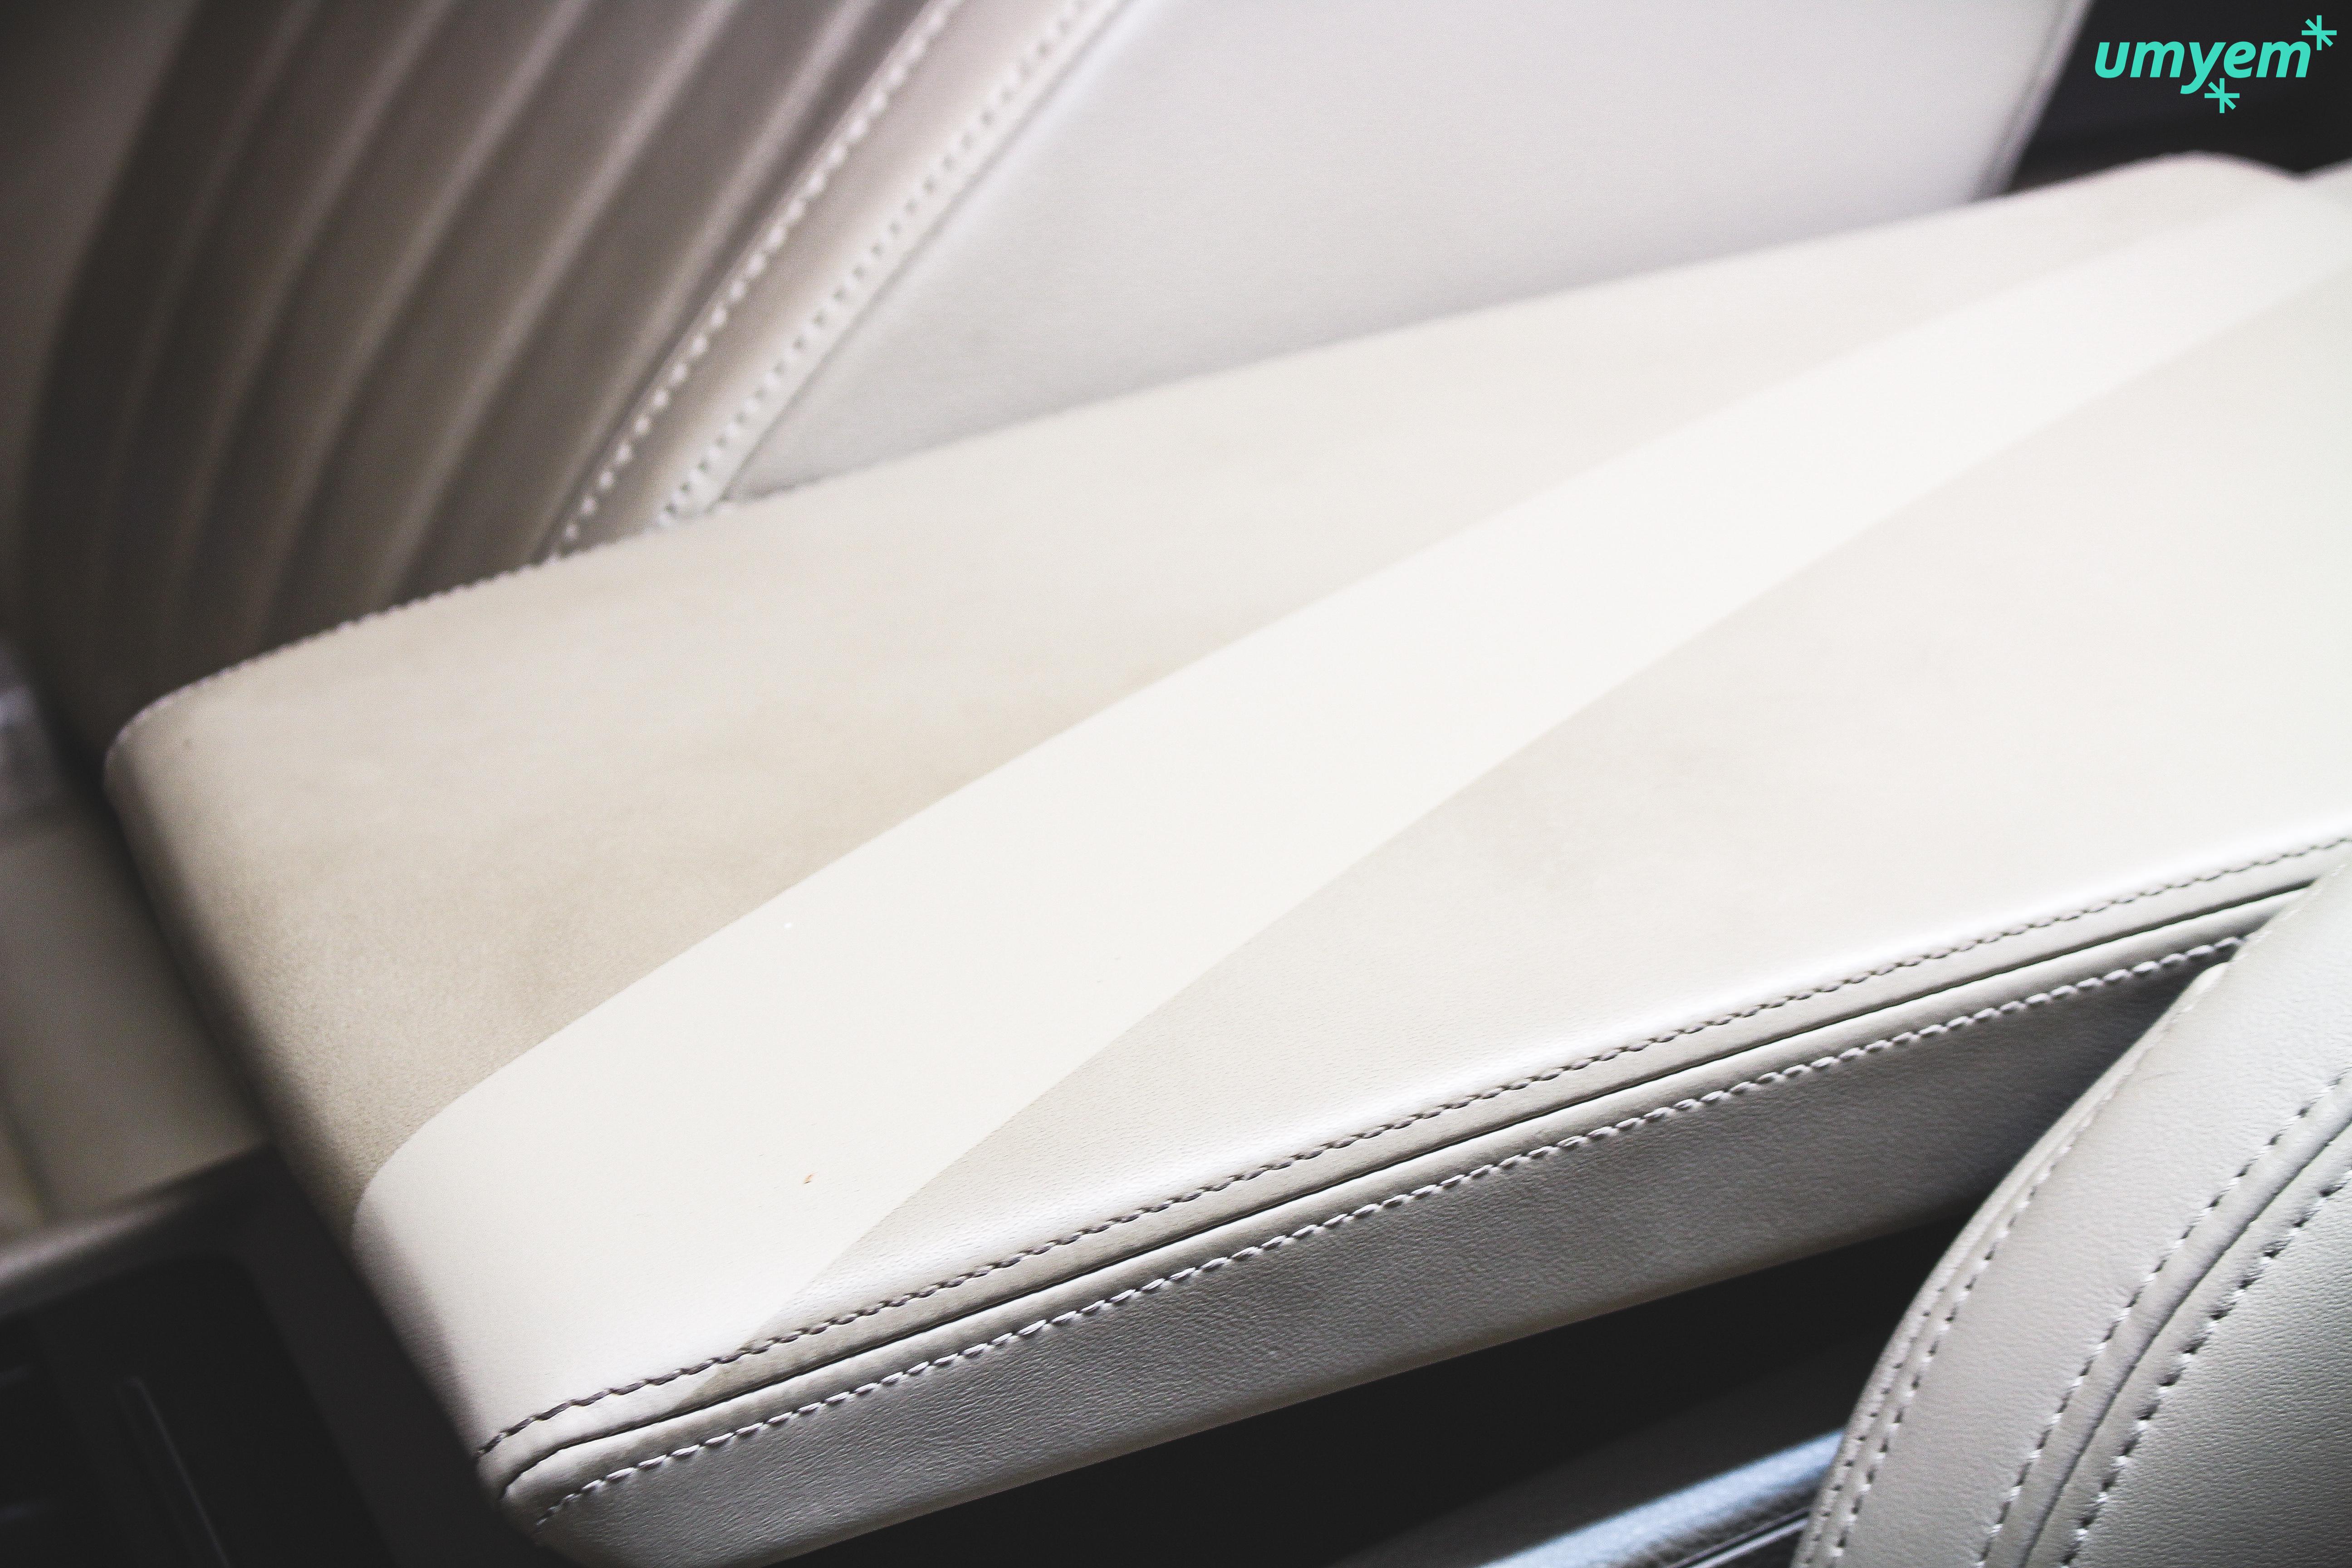 Čištění a ošetření kůže v automobilu – jak, kdy a proč?